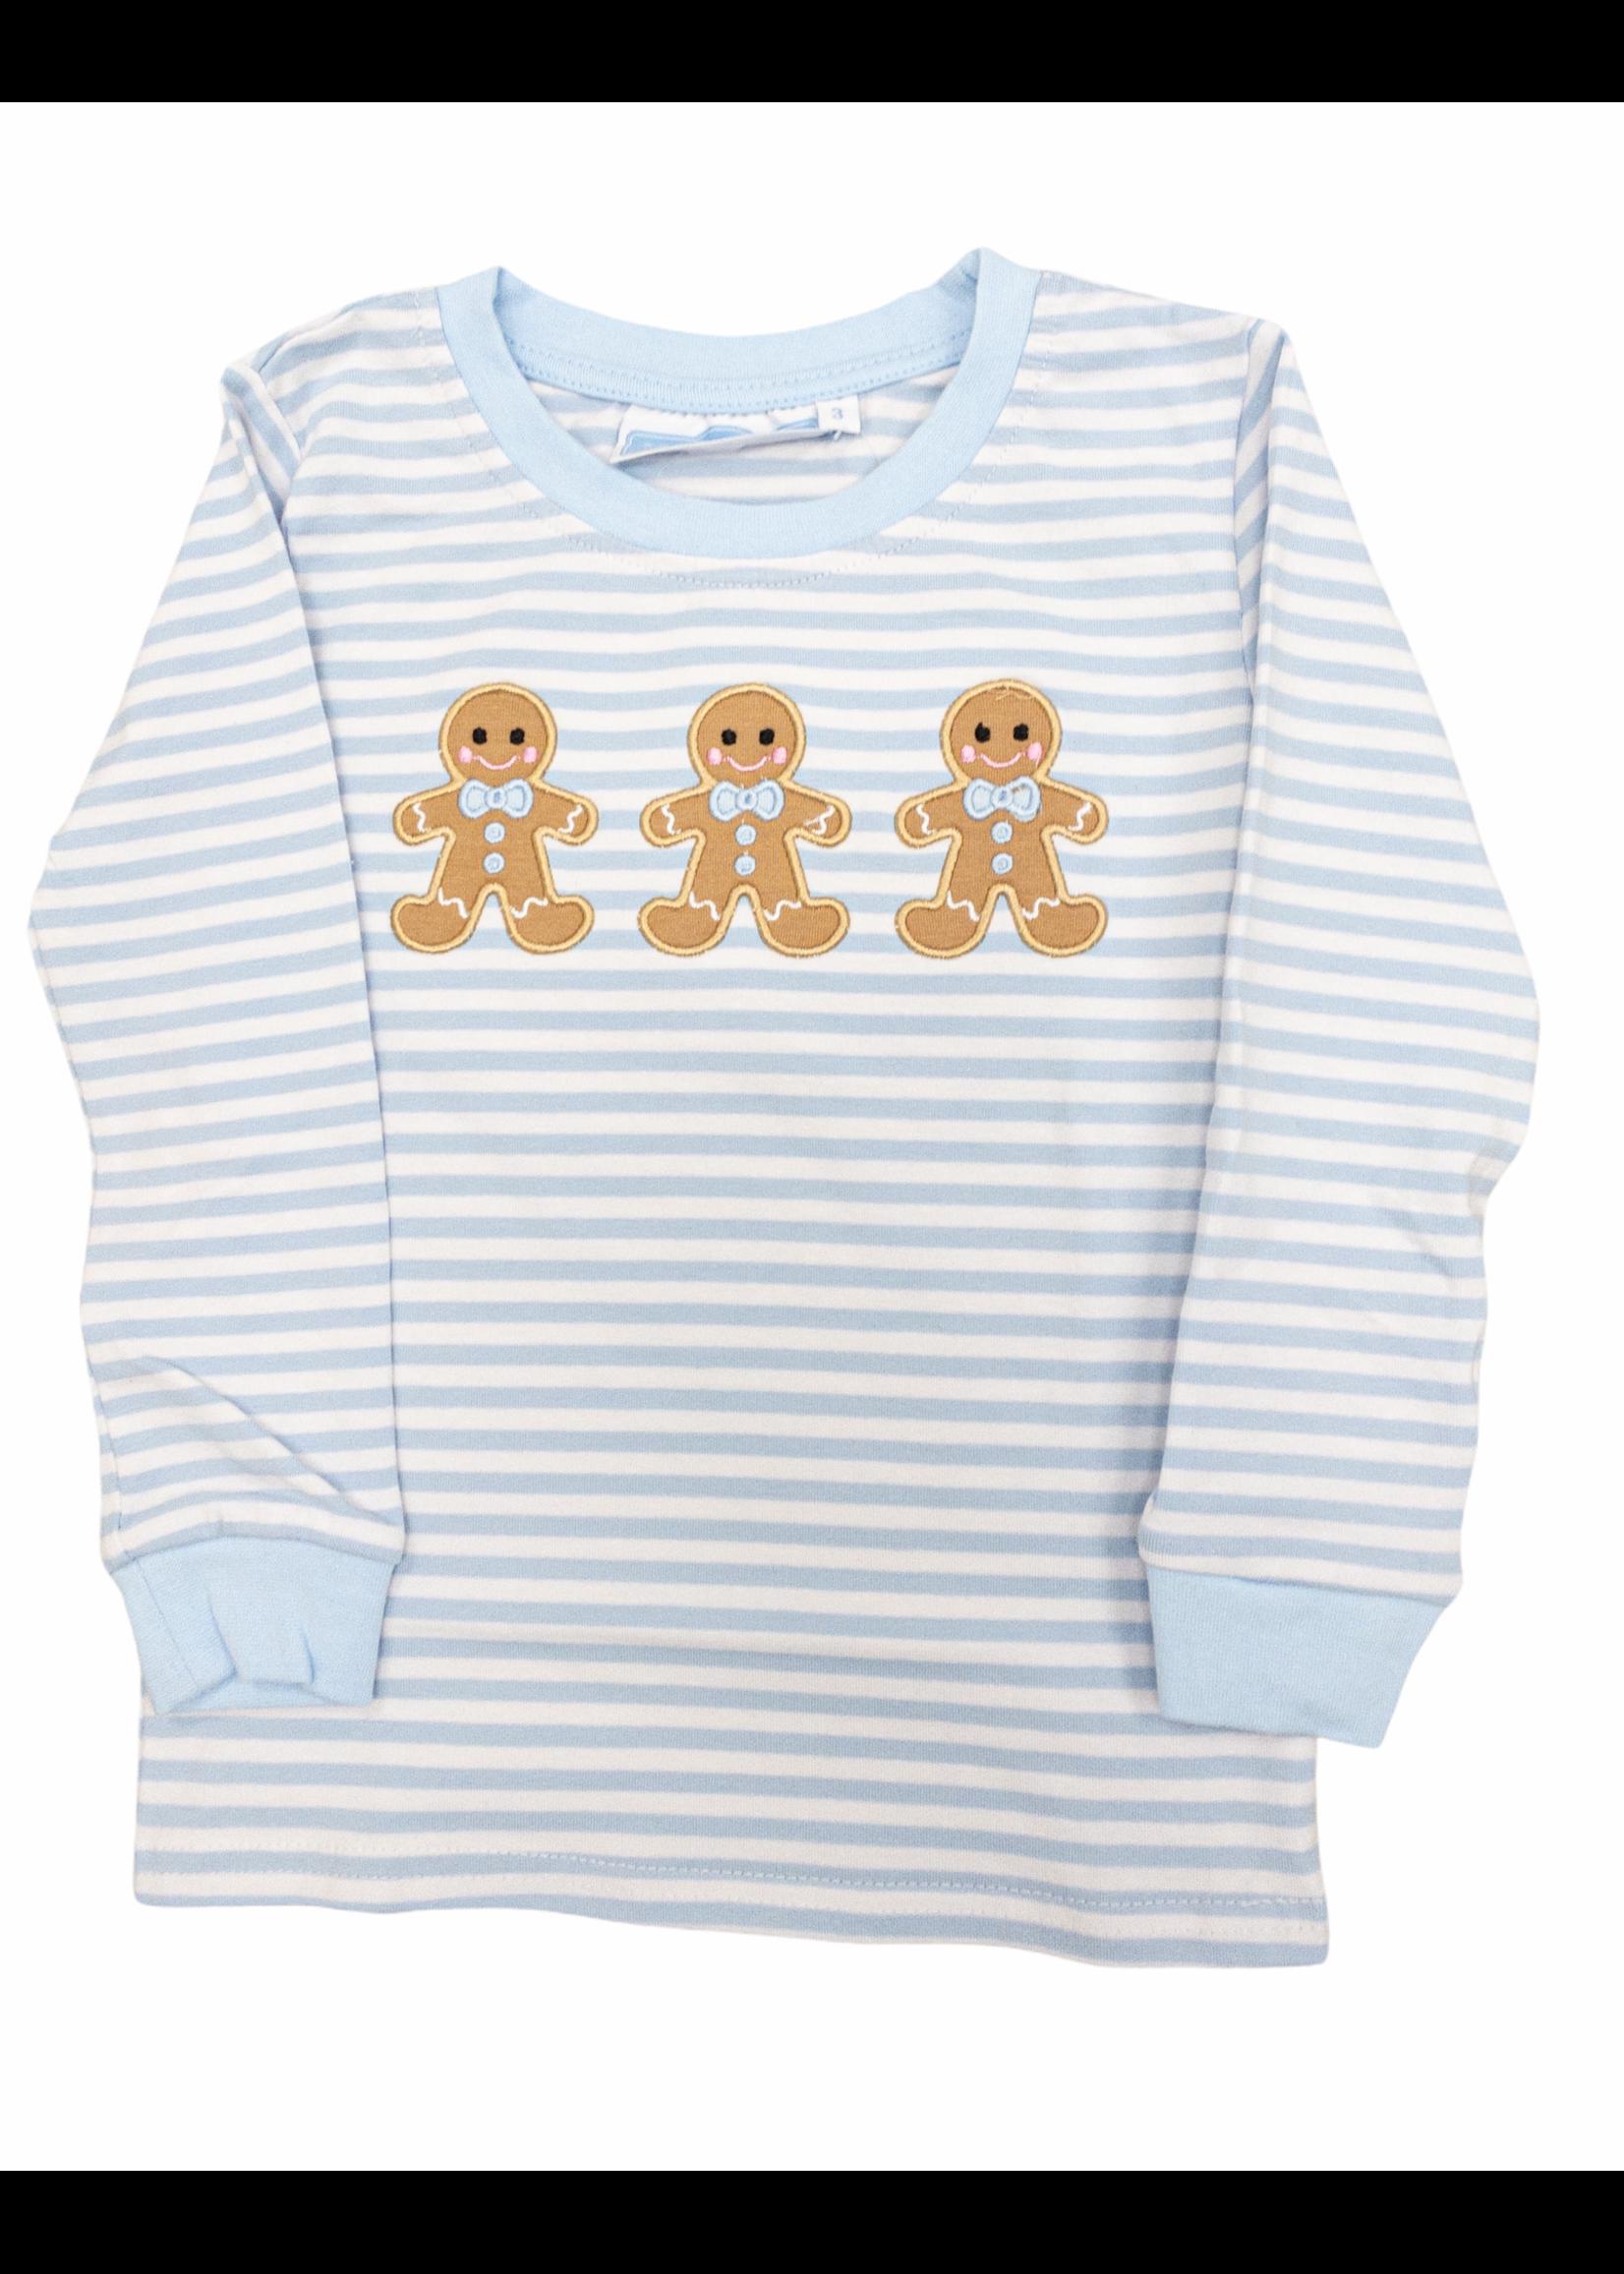 Trotter Street Kids Gingerbread Long Sleeve Shirt